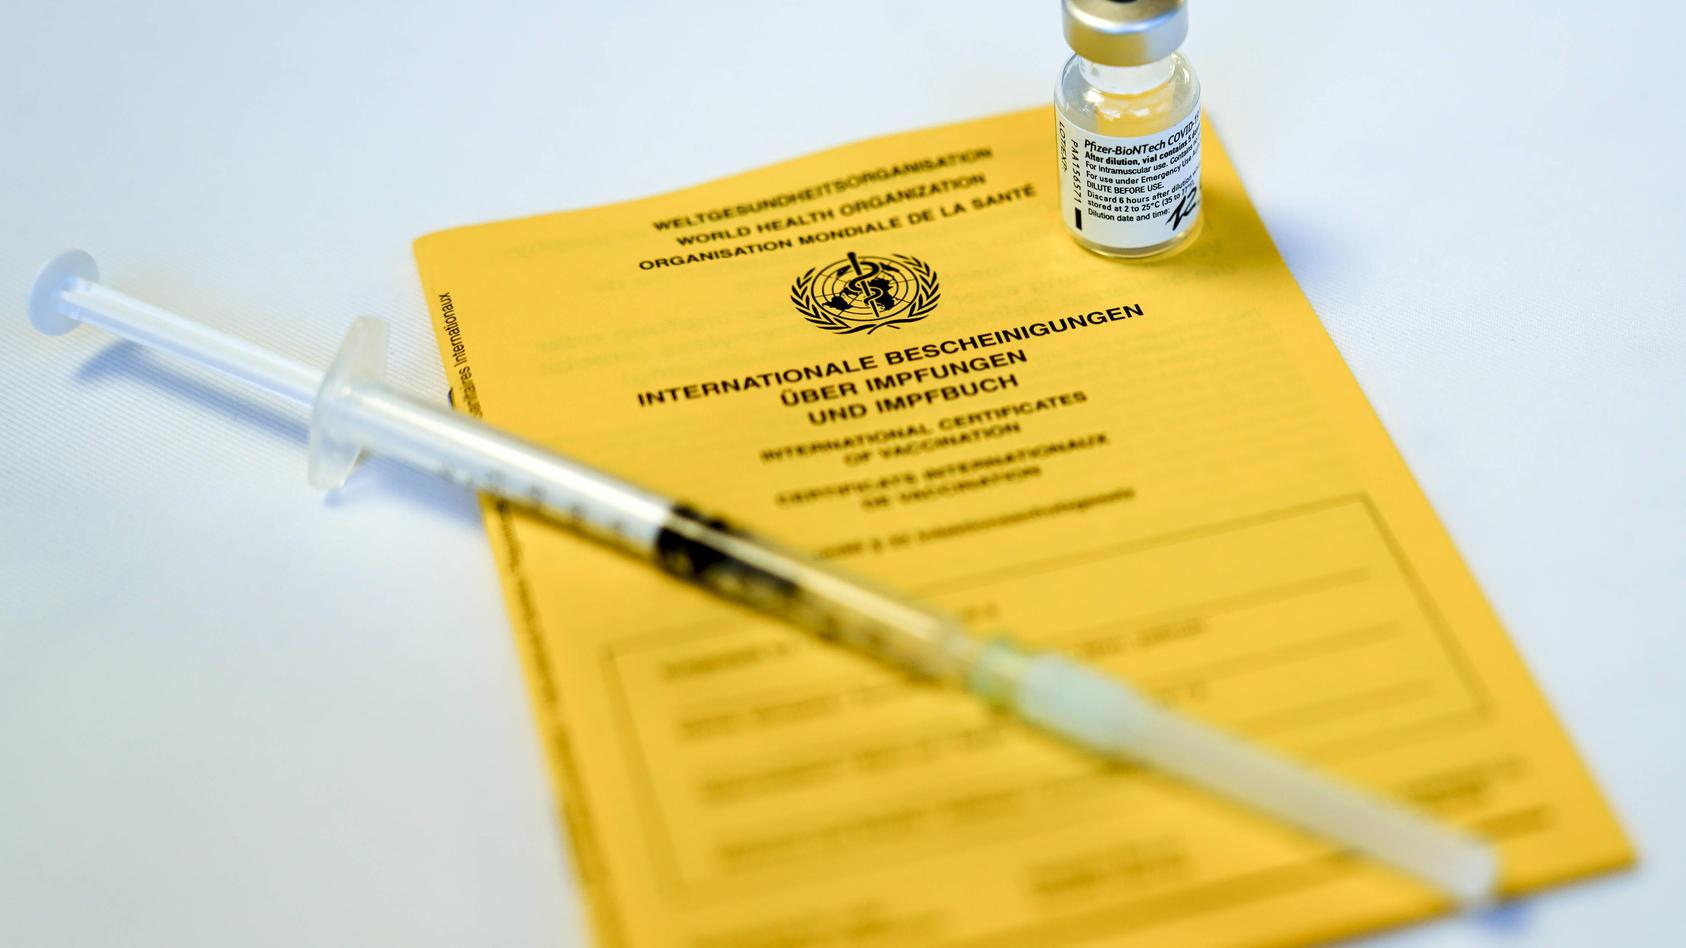 Wie wichtig und wirksam bereits die Erstimpfung gegen COVID-19 ist, belegt jetzt eine italienische Studie.